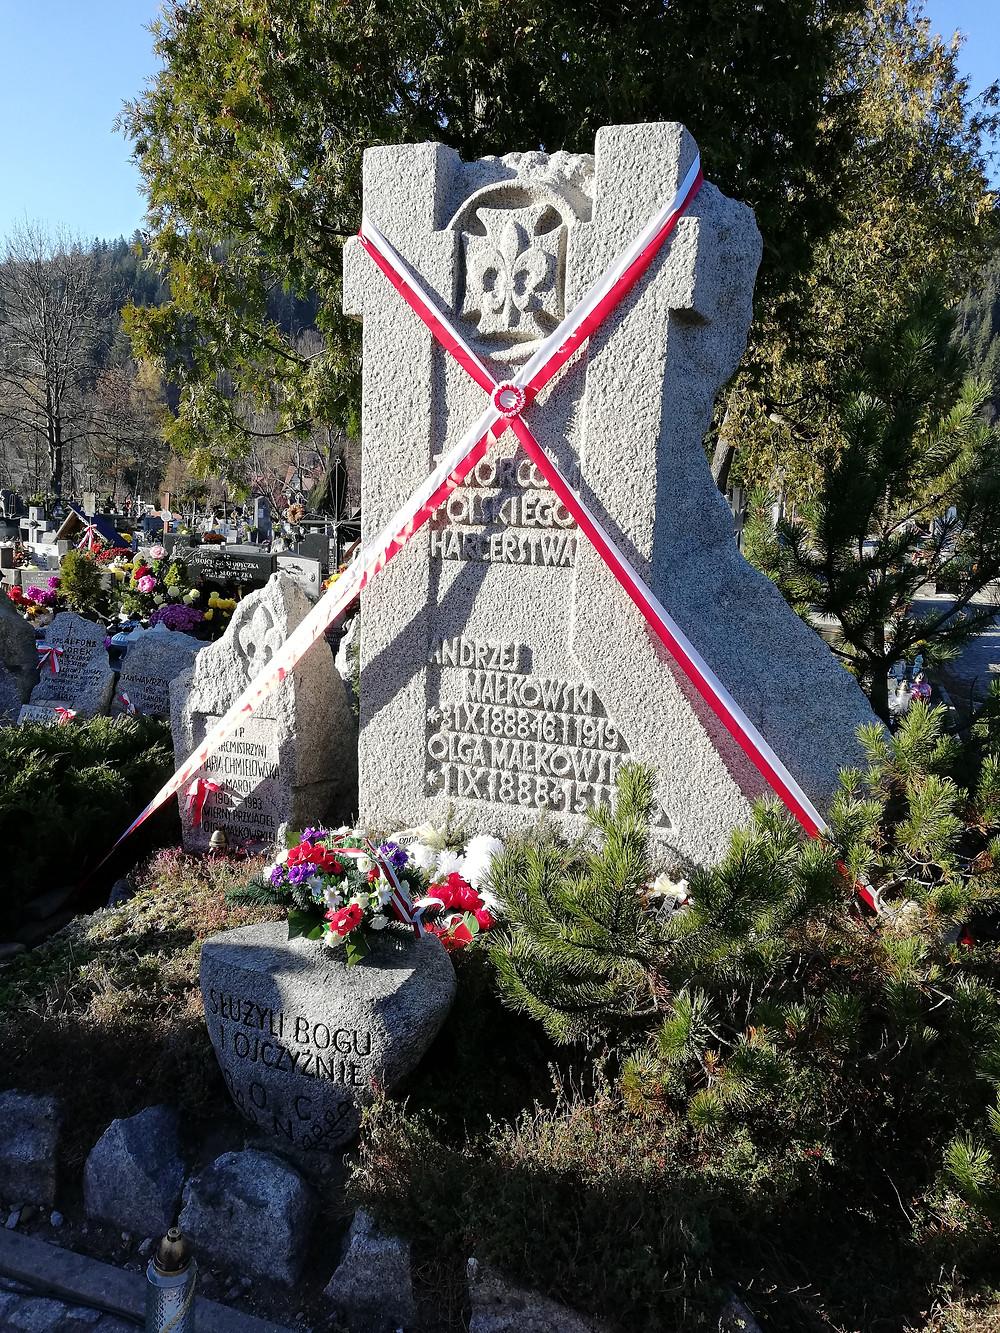 Grób Andrzeja Małkowskiego w Zakopanem